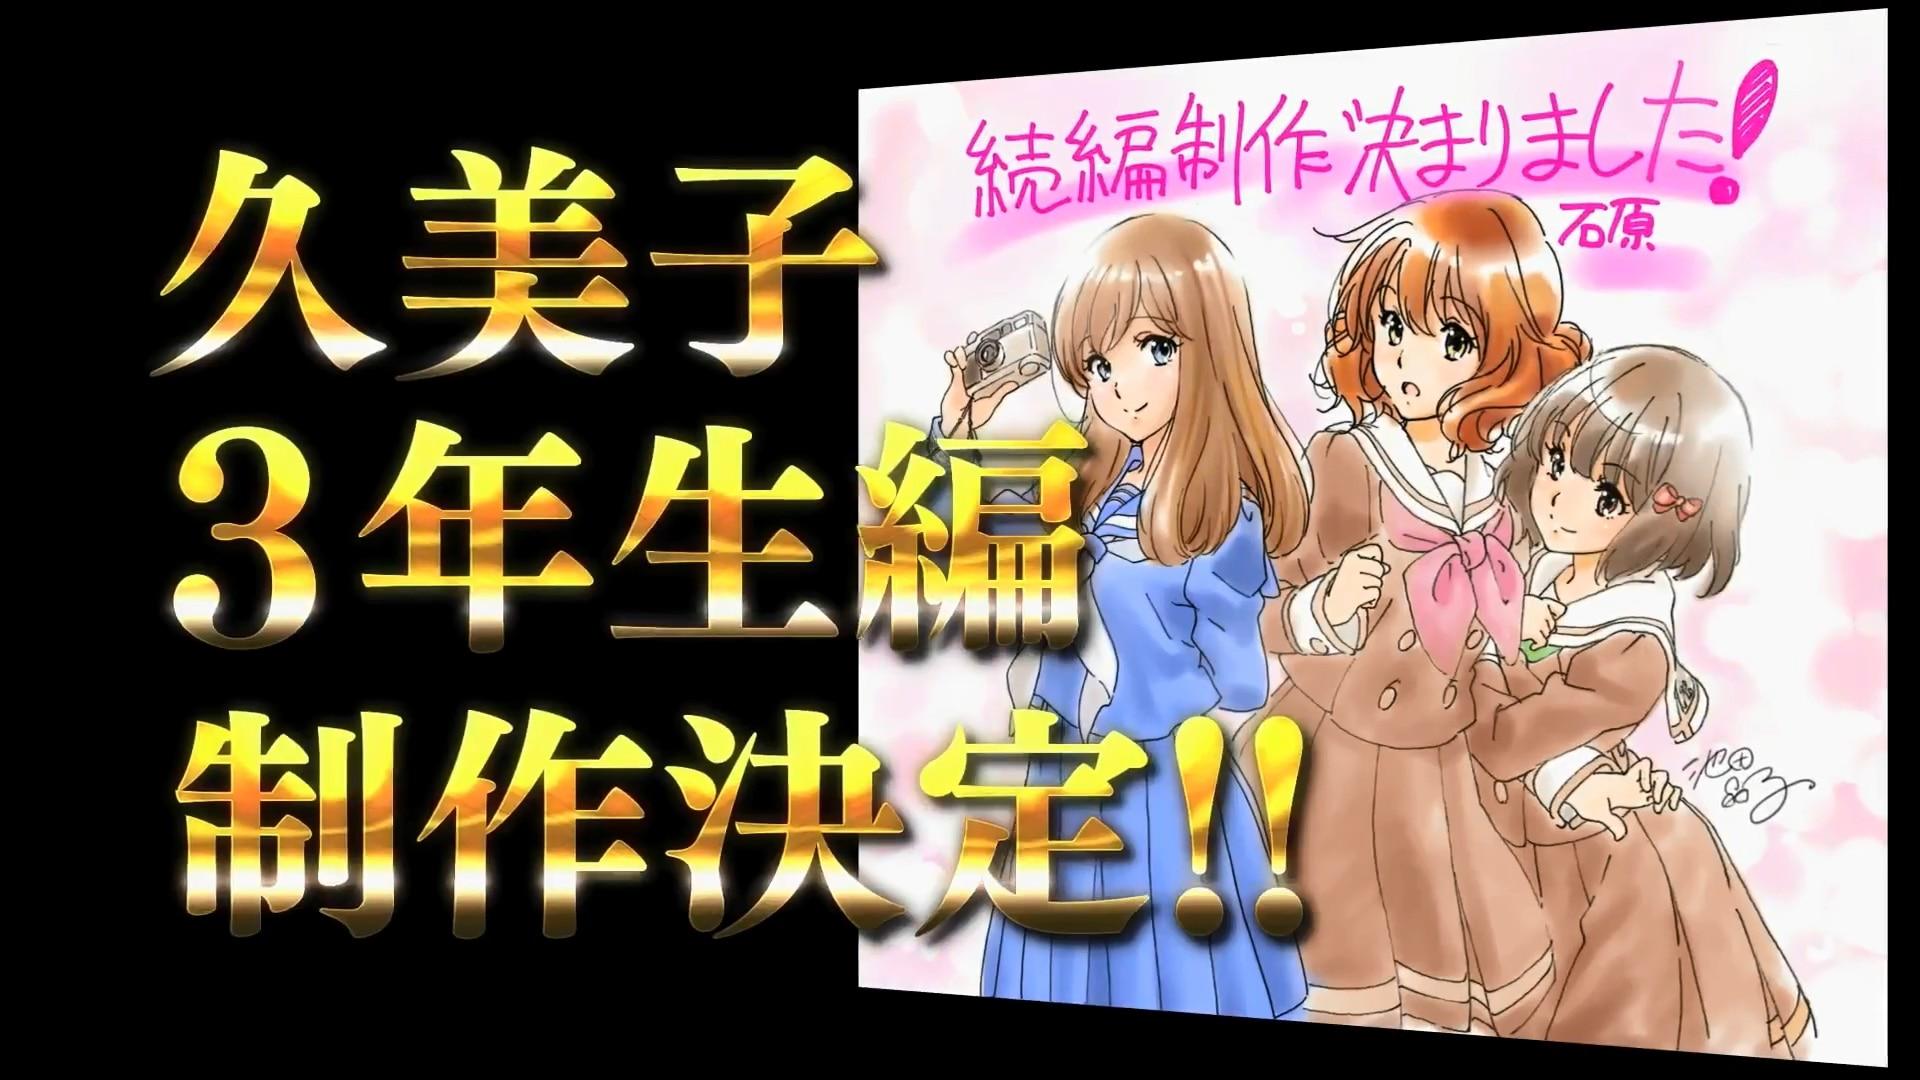 """吹响上低音号续篇""""久美子3年级篇""""制作决定! 京阿尼 ACG资讯 第6张"""